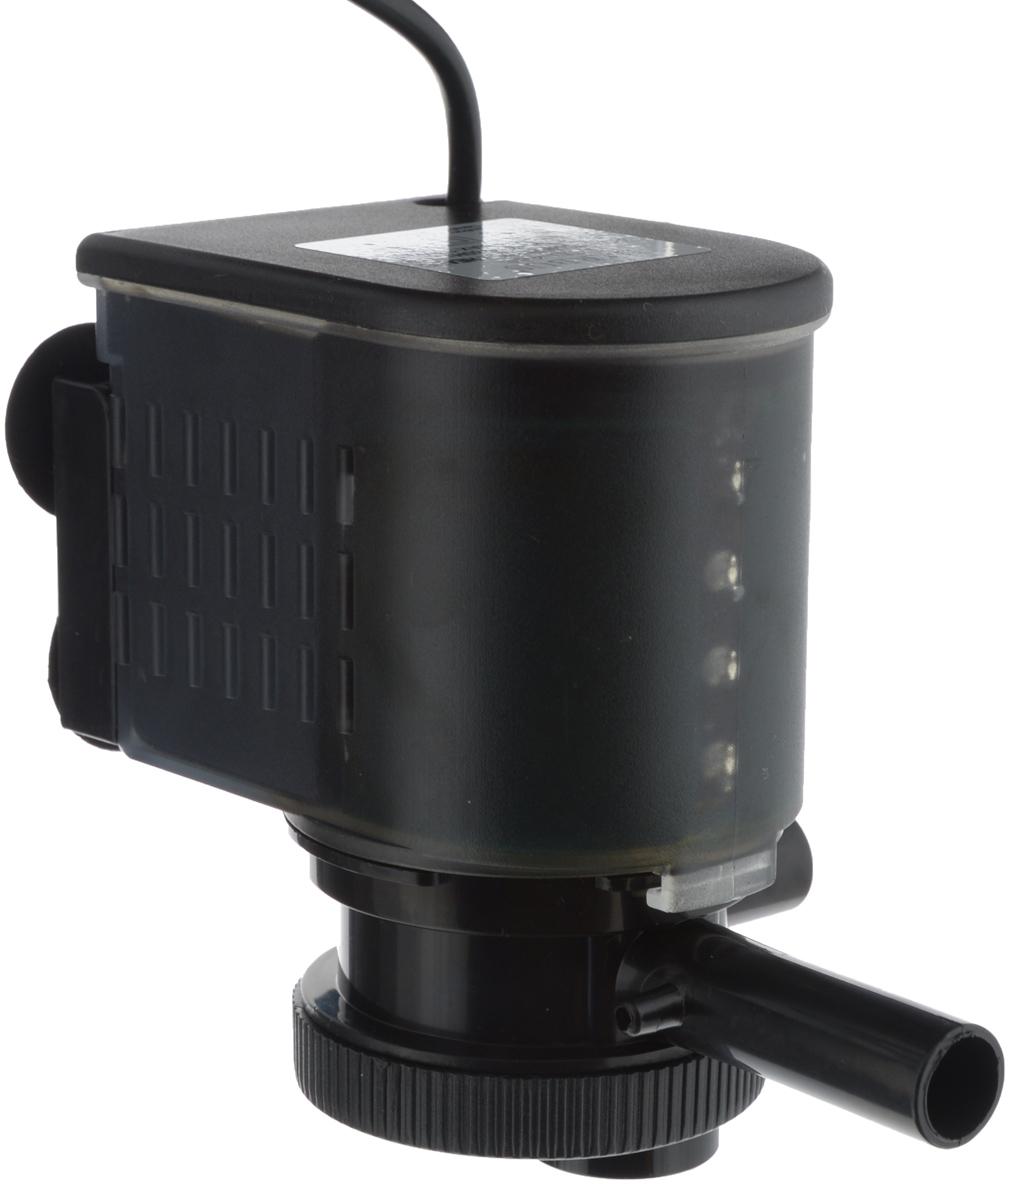 Помпа для аквариума Barbus  LED-488 , водяная, с индикаторами LED, 3000 л/ч, 45 Вт